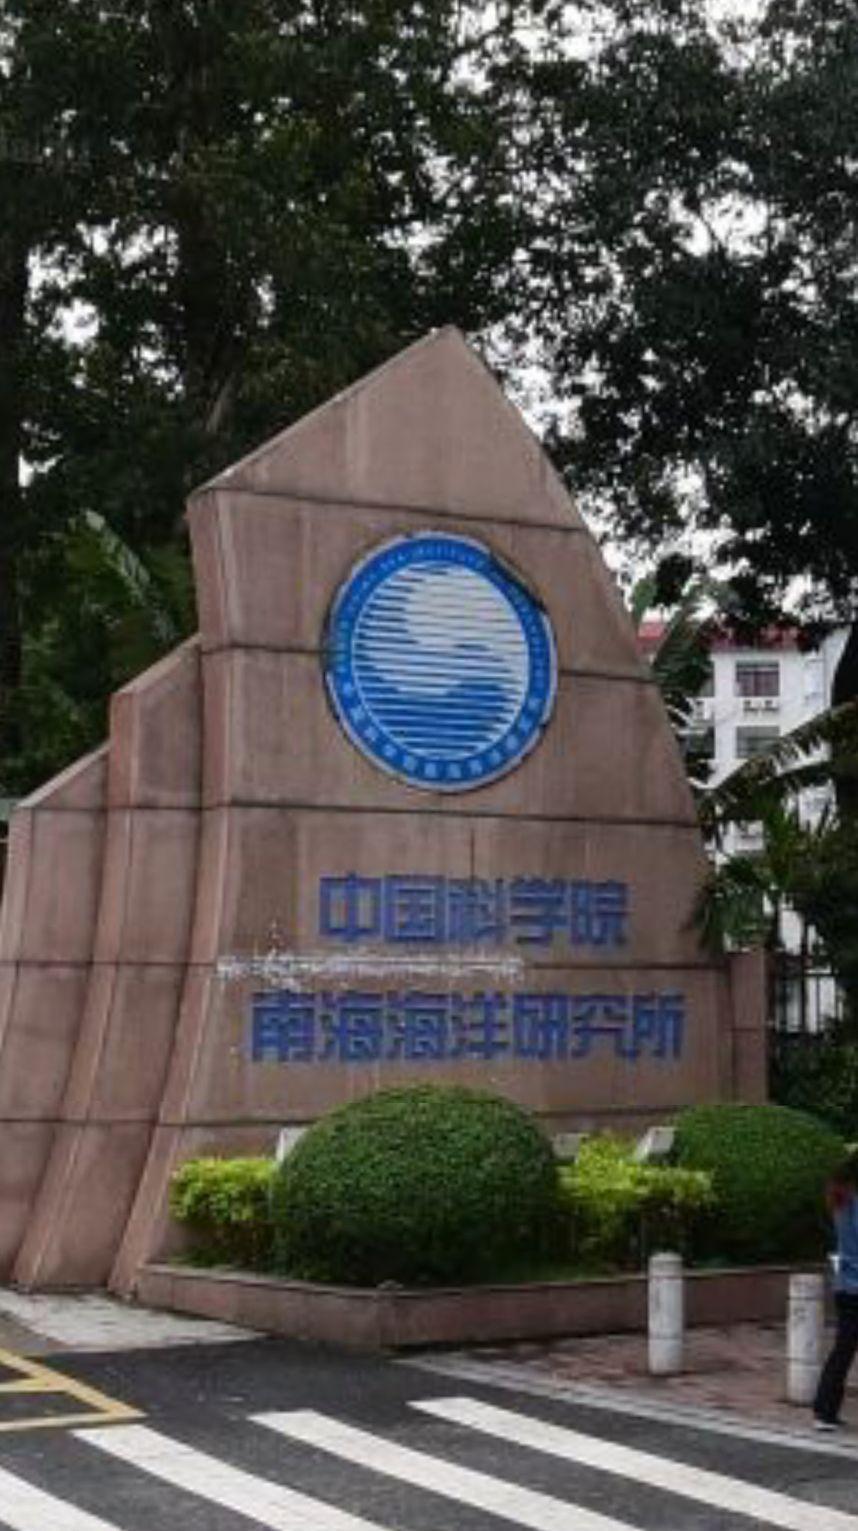 感谢中国科学院南海海洋研究所采购ca881亚洲城表面张力仪